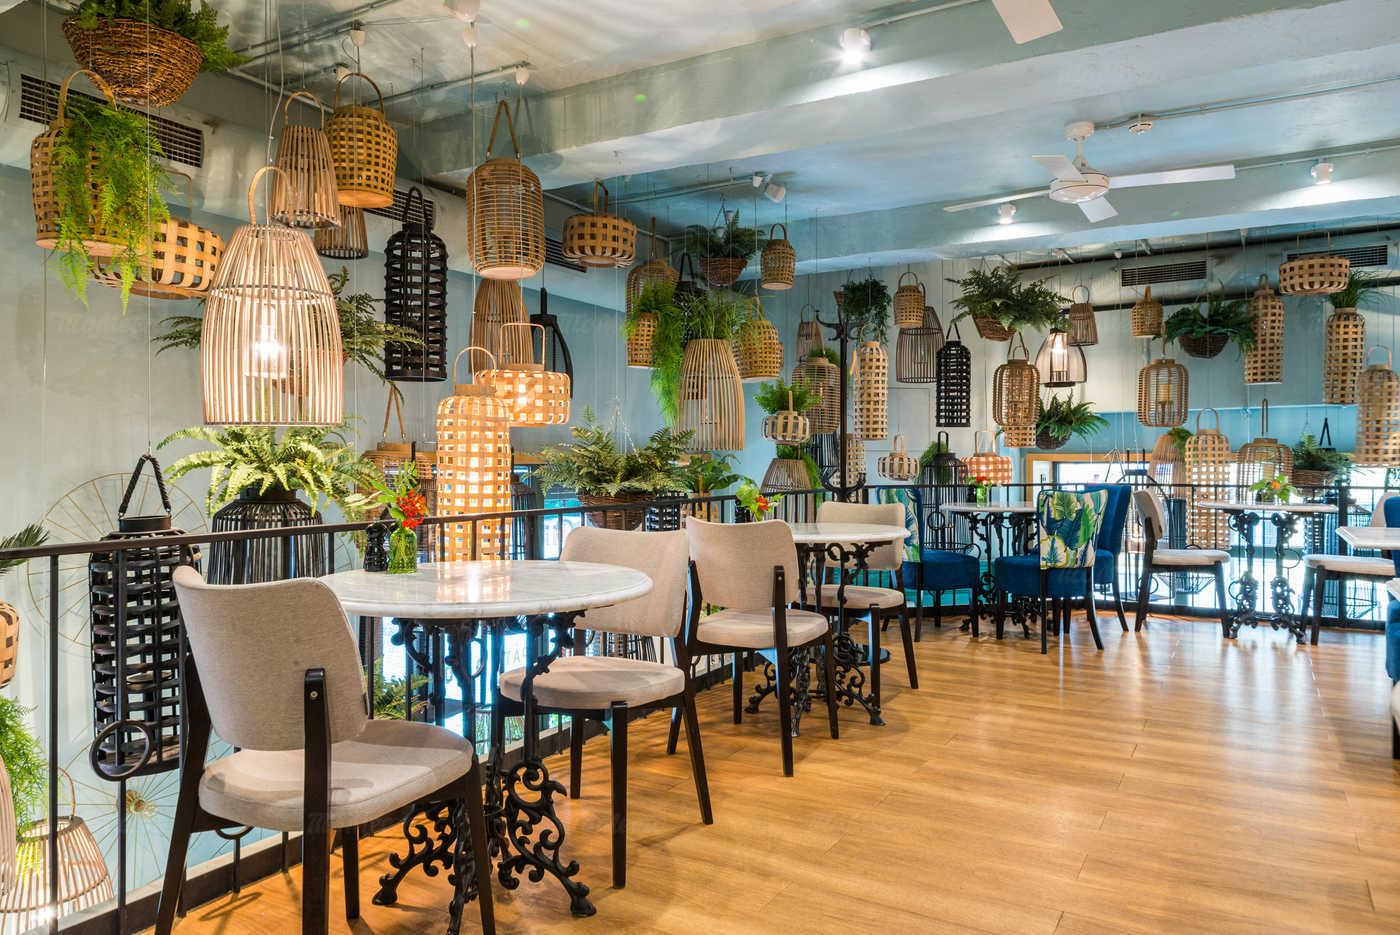 Ресторан Pate & Co на улице Балчуг фото 3